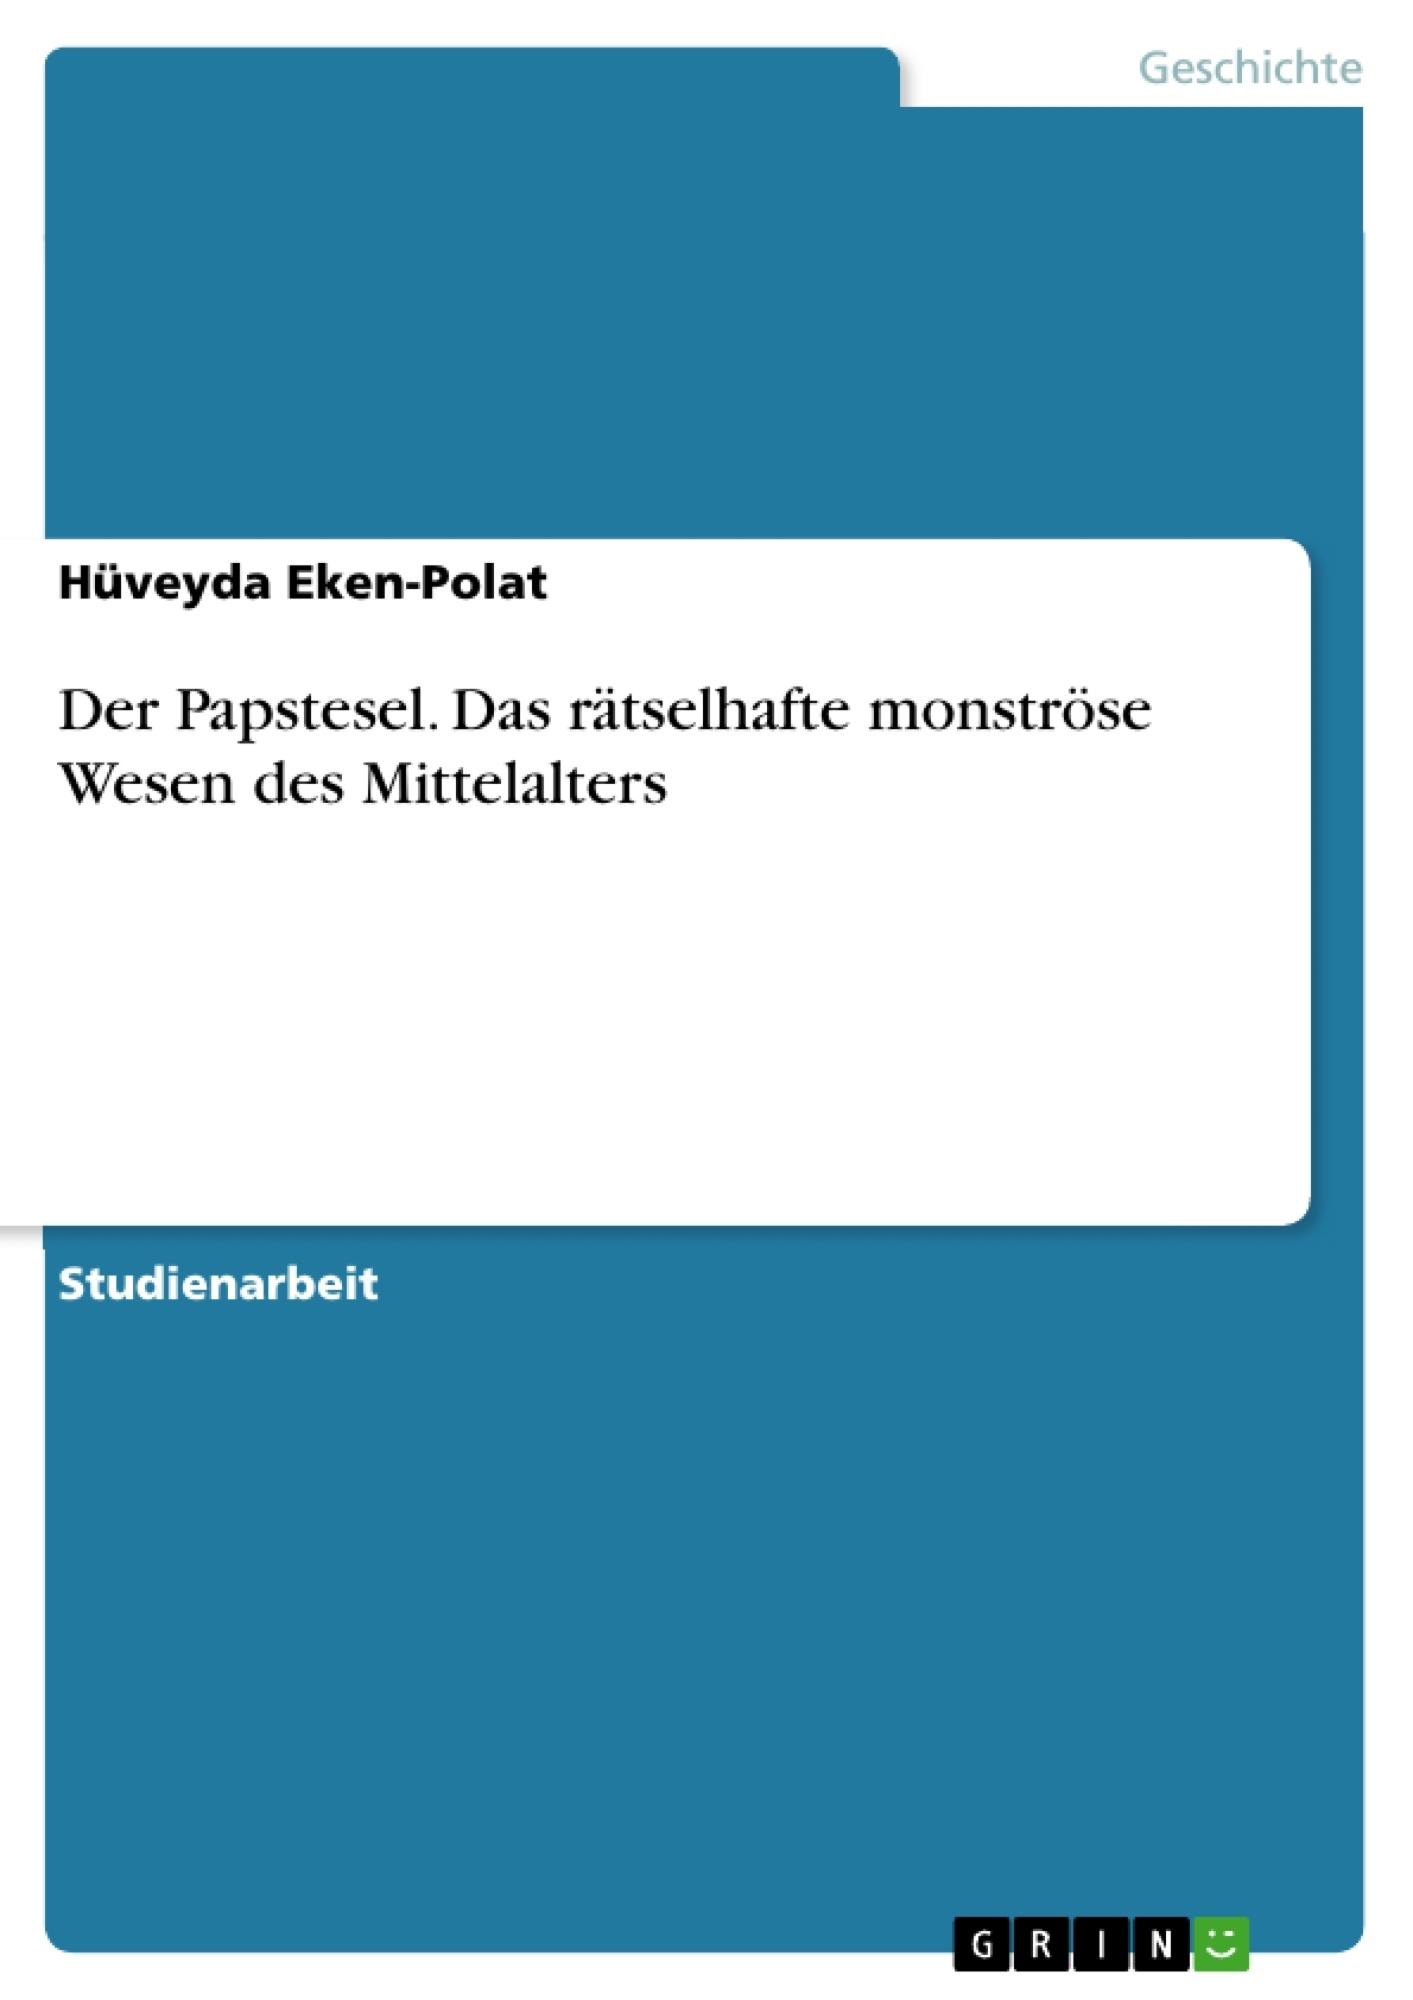 Titel: Der Papstesel. Das rätselhafte monströse Wesen des Mittelalters